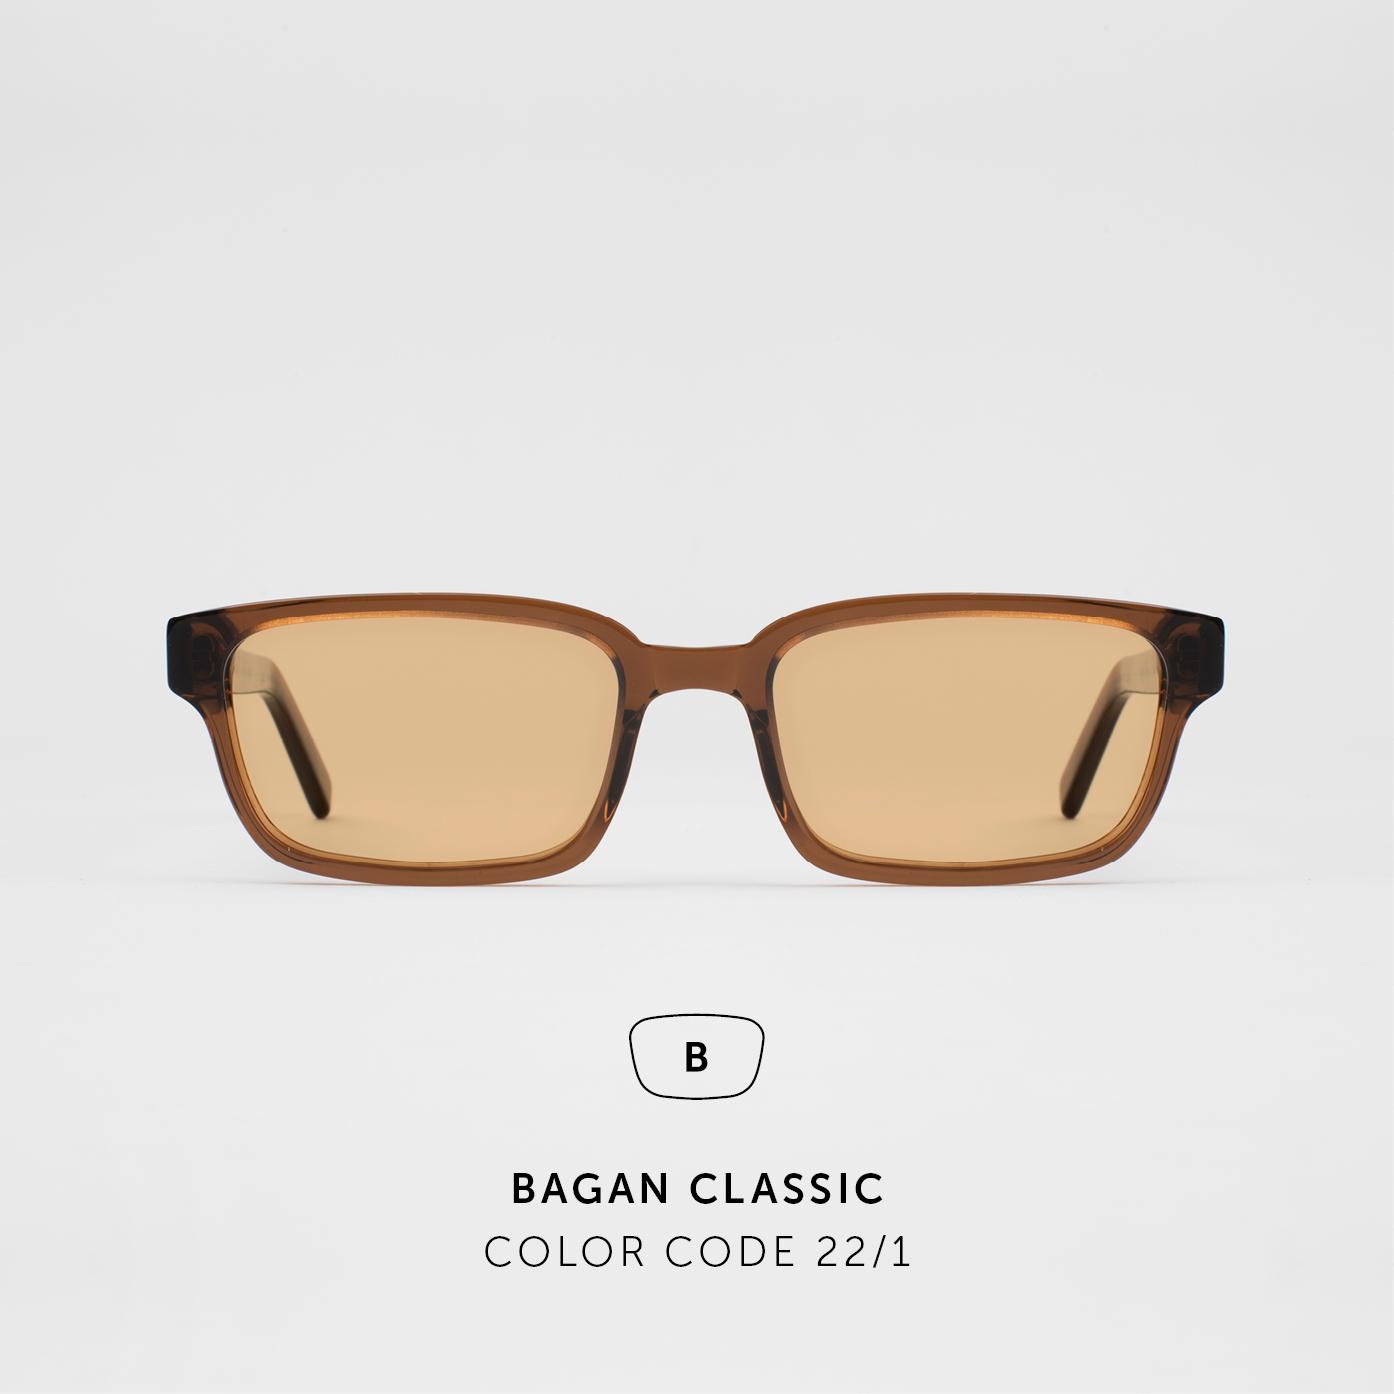 BaganClassic47.jpg